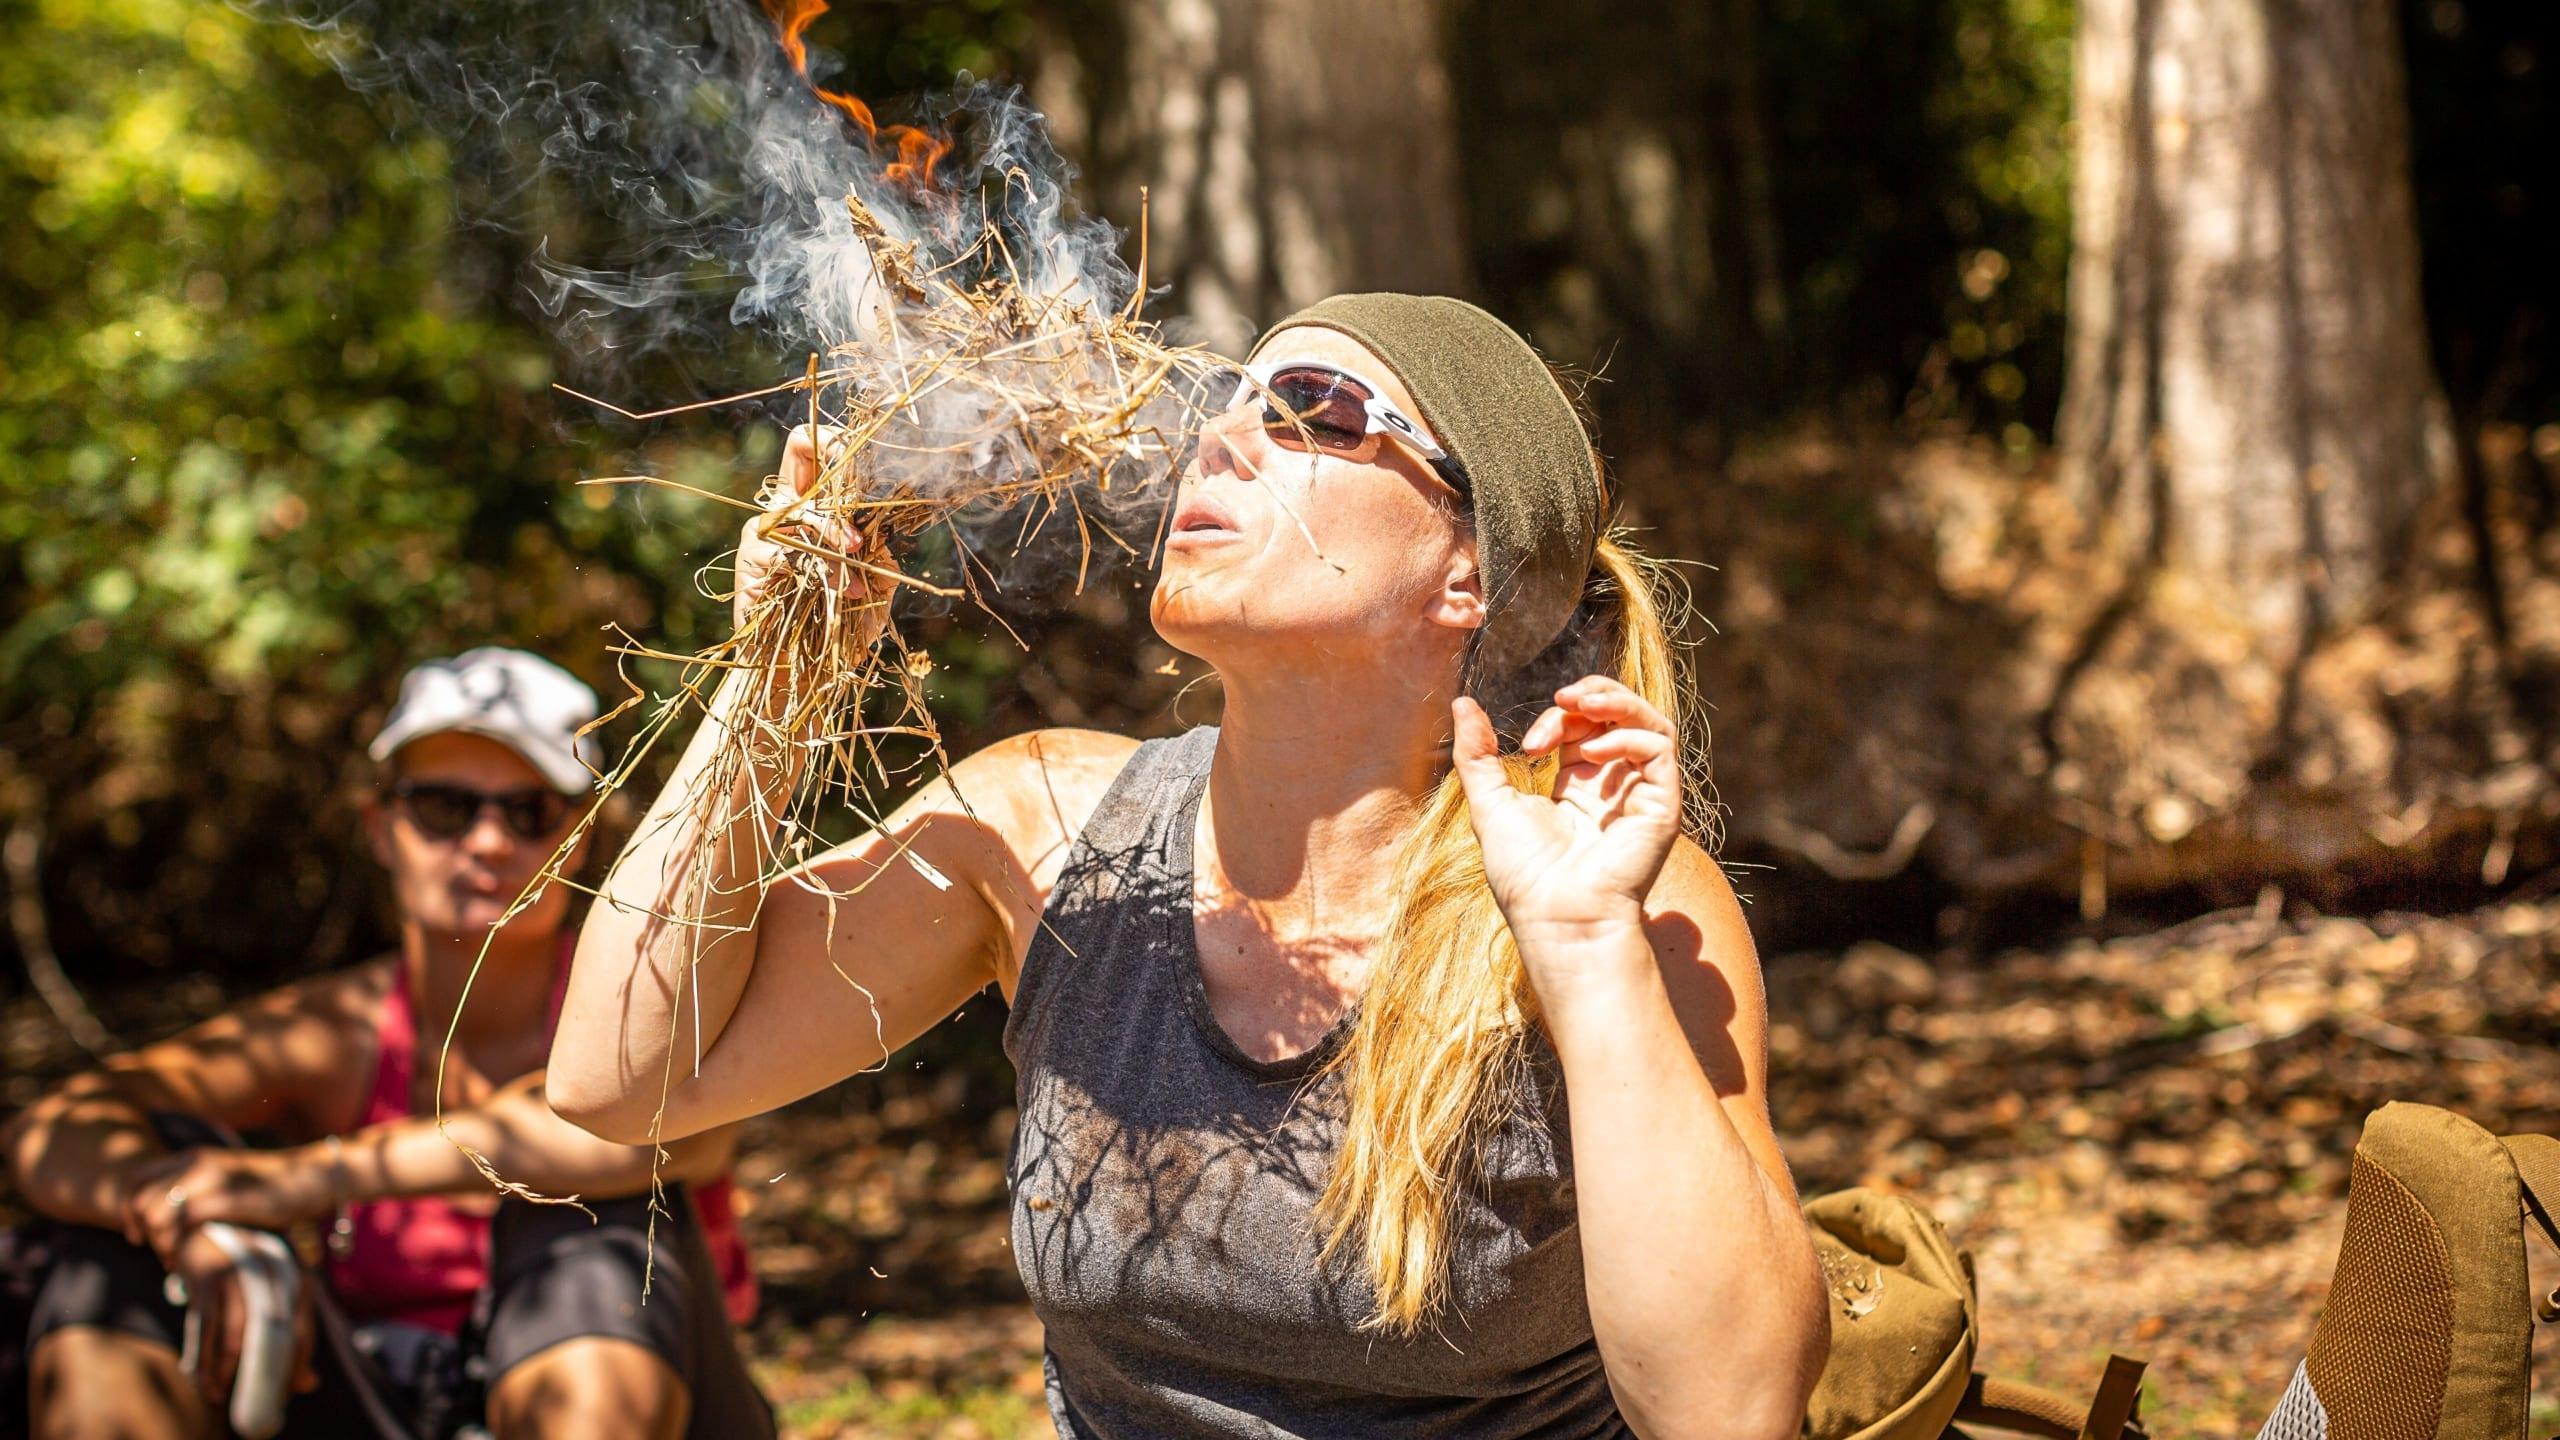 Femme qui essaye de faire du feu